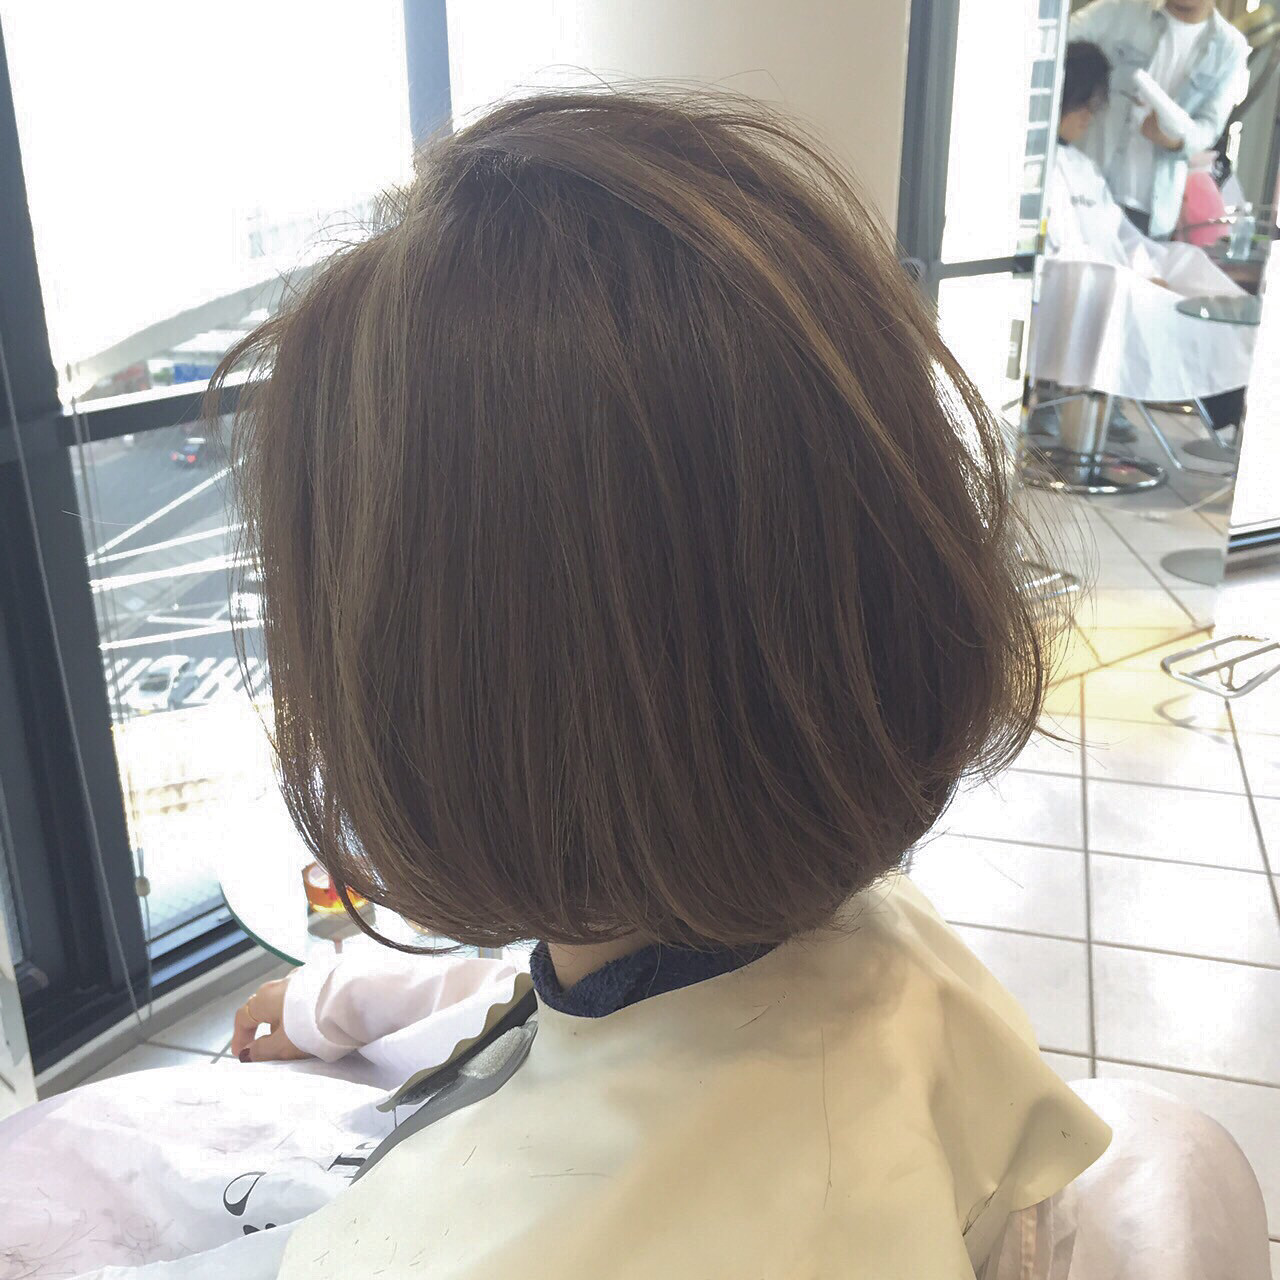 ハイライト 色気 ボブ 大人女子 ヘアスタイルや髪型の写真・画像